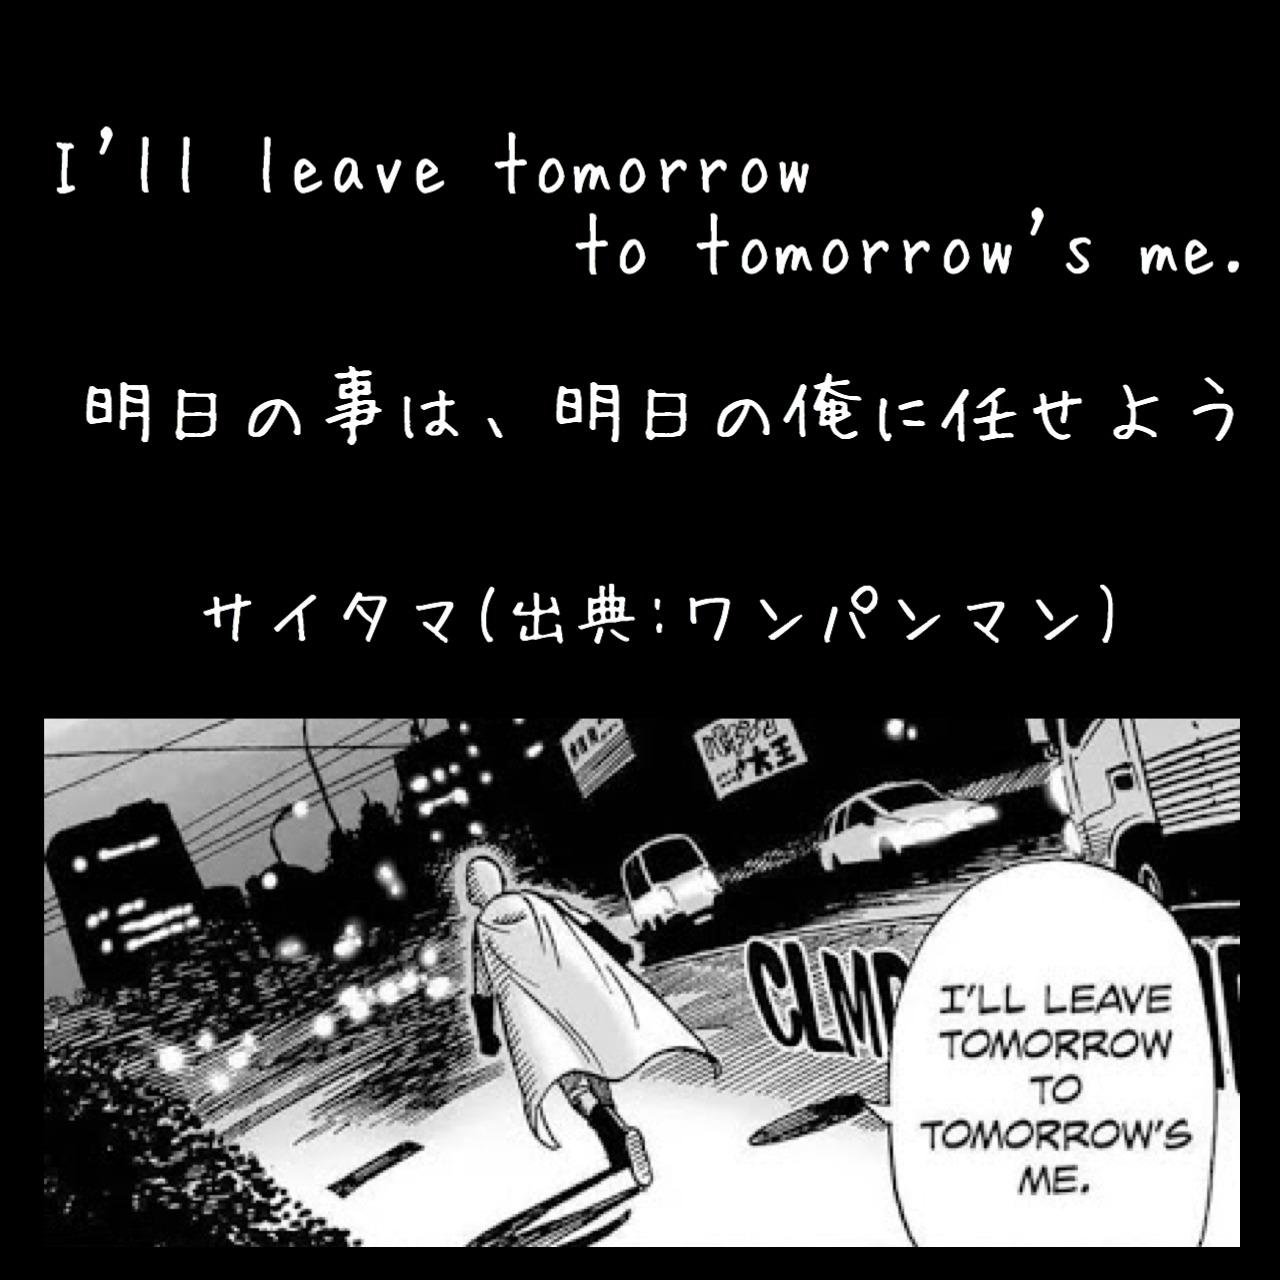 明日の事は、明日の俺に任せよう / サイタマ(出典:ワンパンマン)